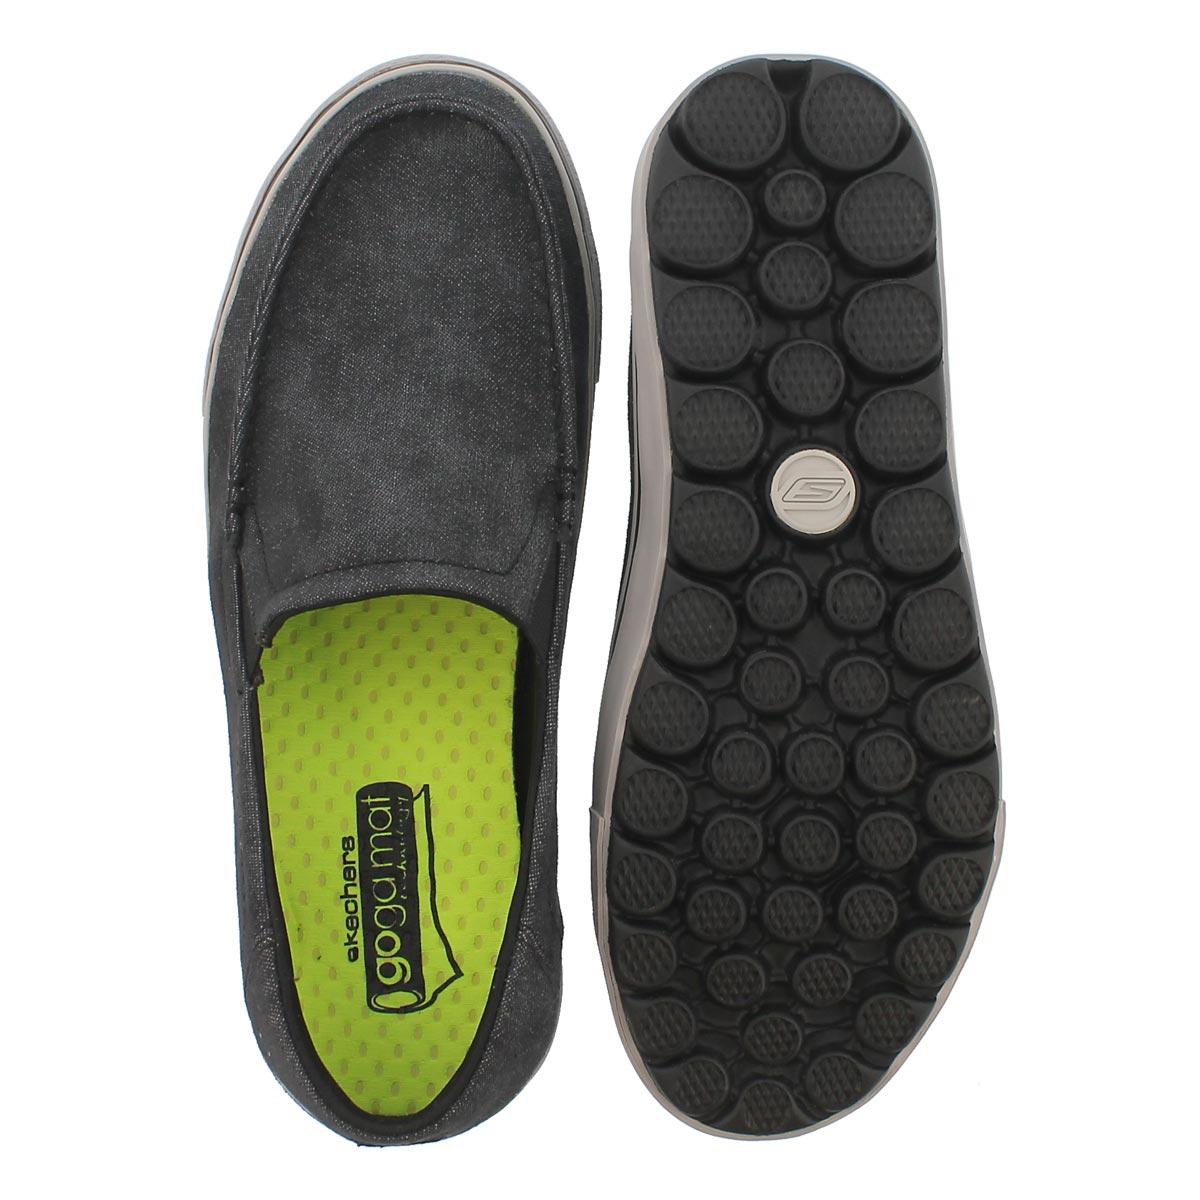 Mns GO Vulc Tour black slip on loafer